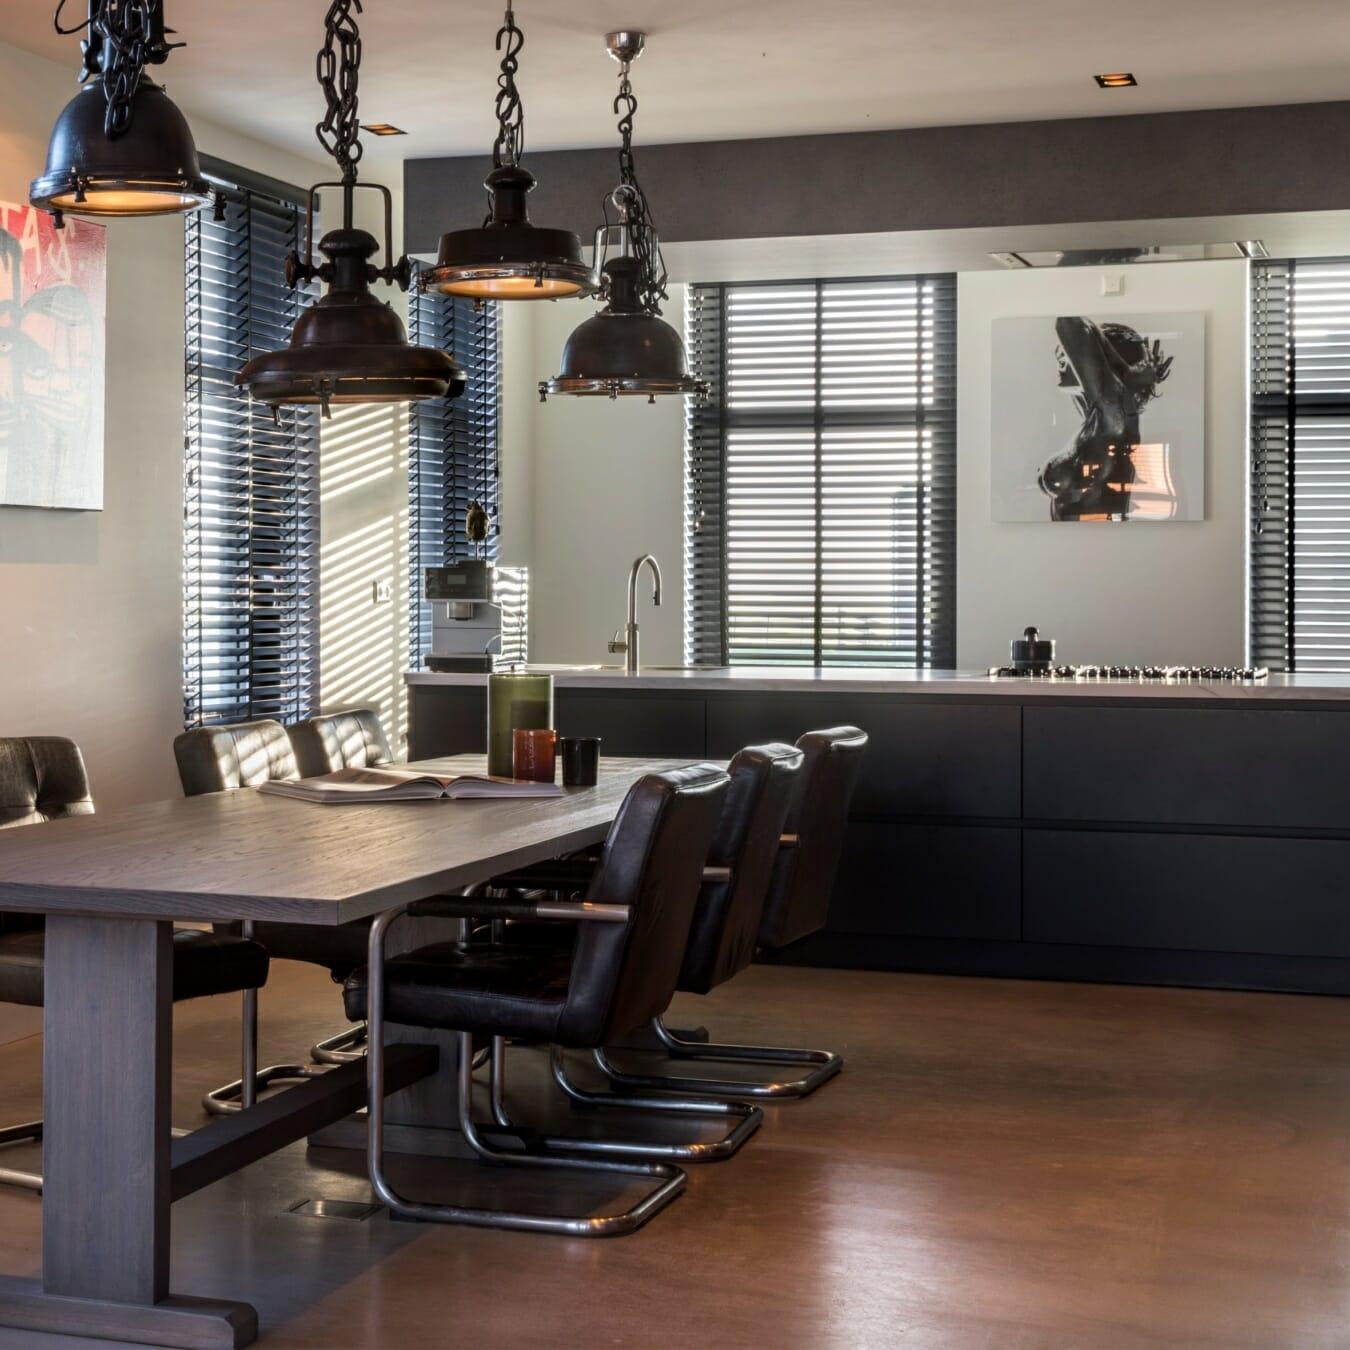 Zwarte houten jaloezieën in de keuken